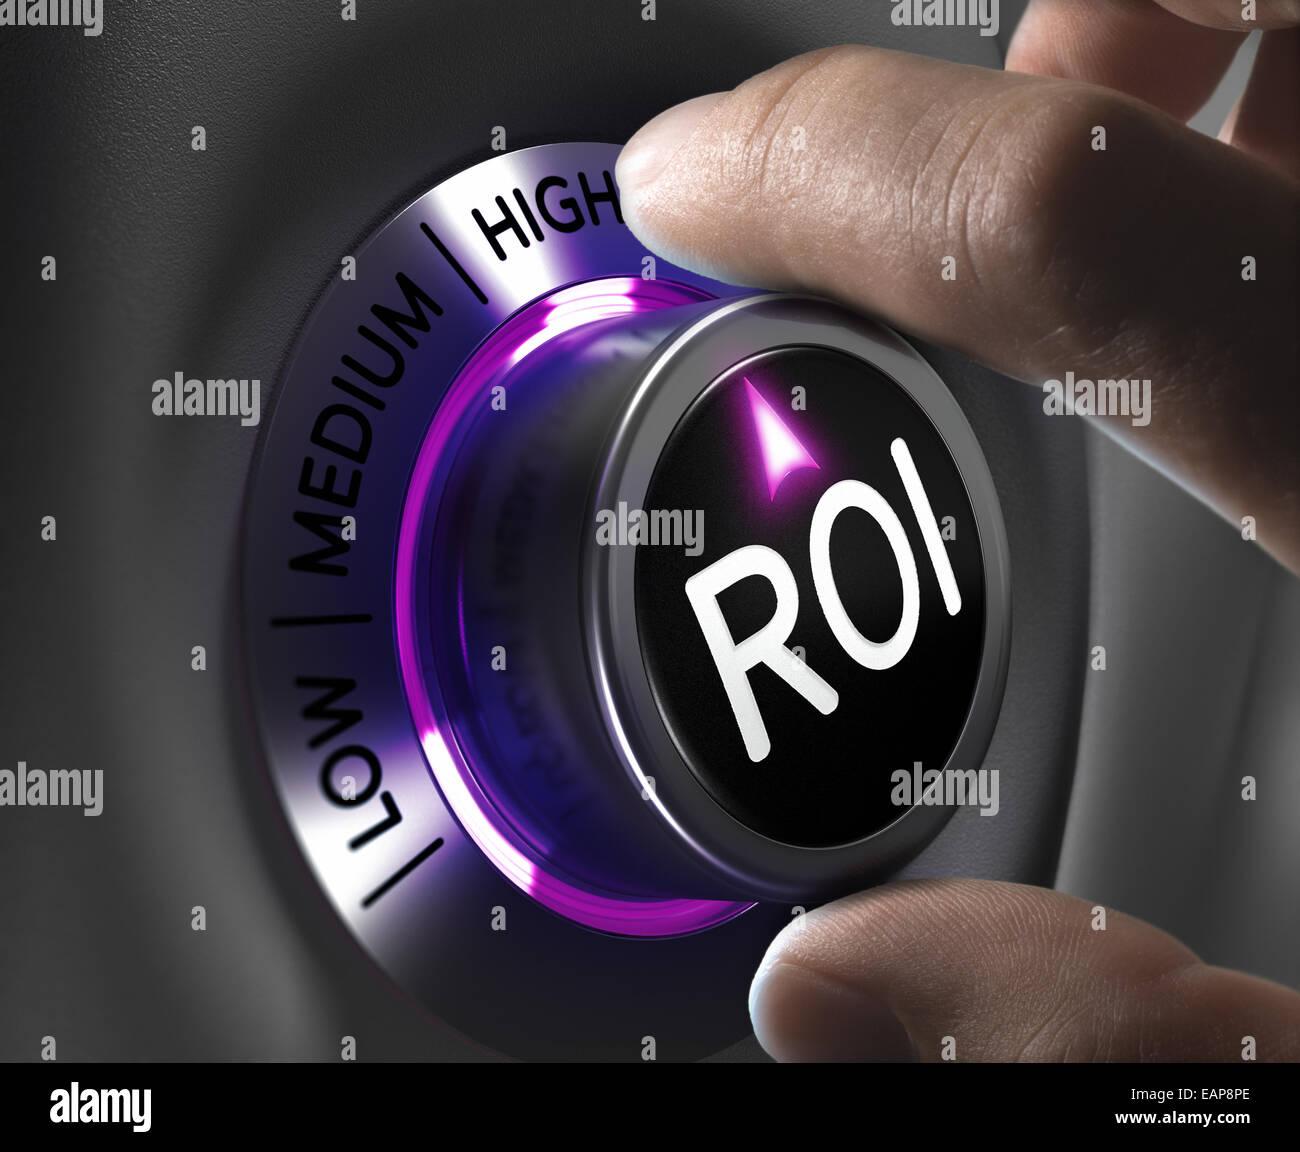 Le retour sur investissement, RETOUR SUR INVESTISSEMENT Concept, deux doigts bouton tournant dans la position la Photo Stock